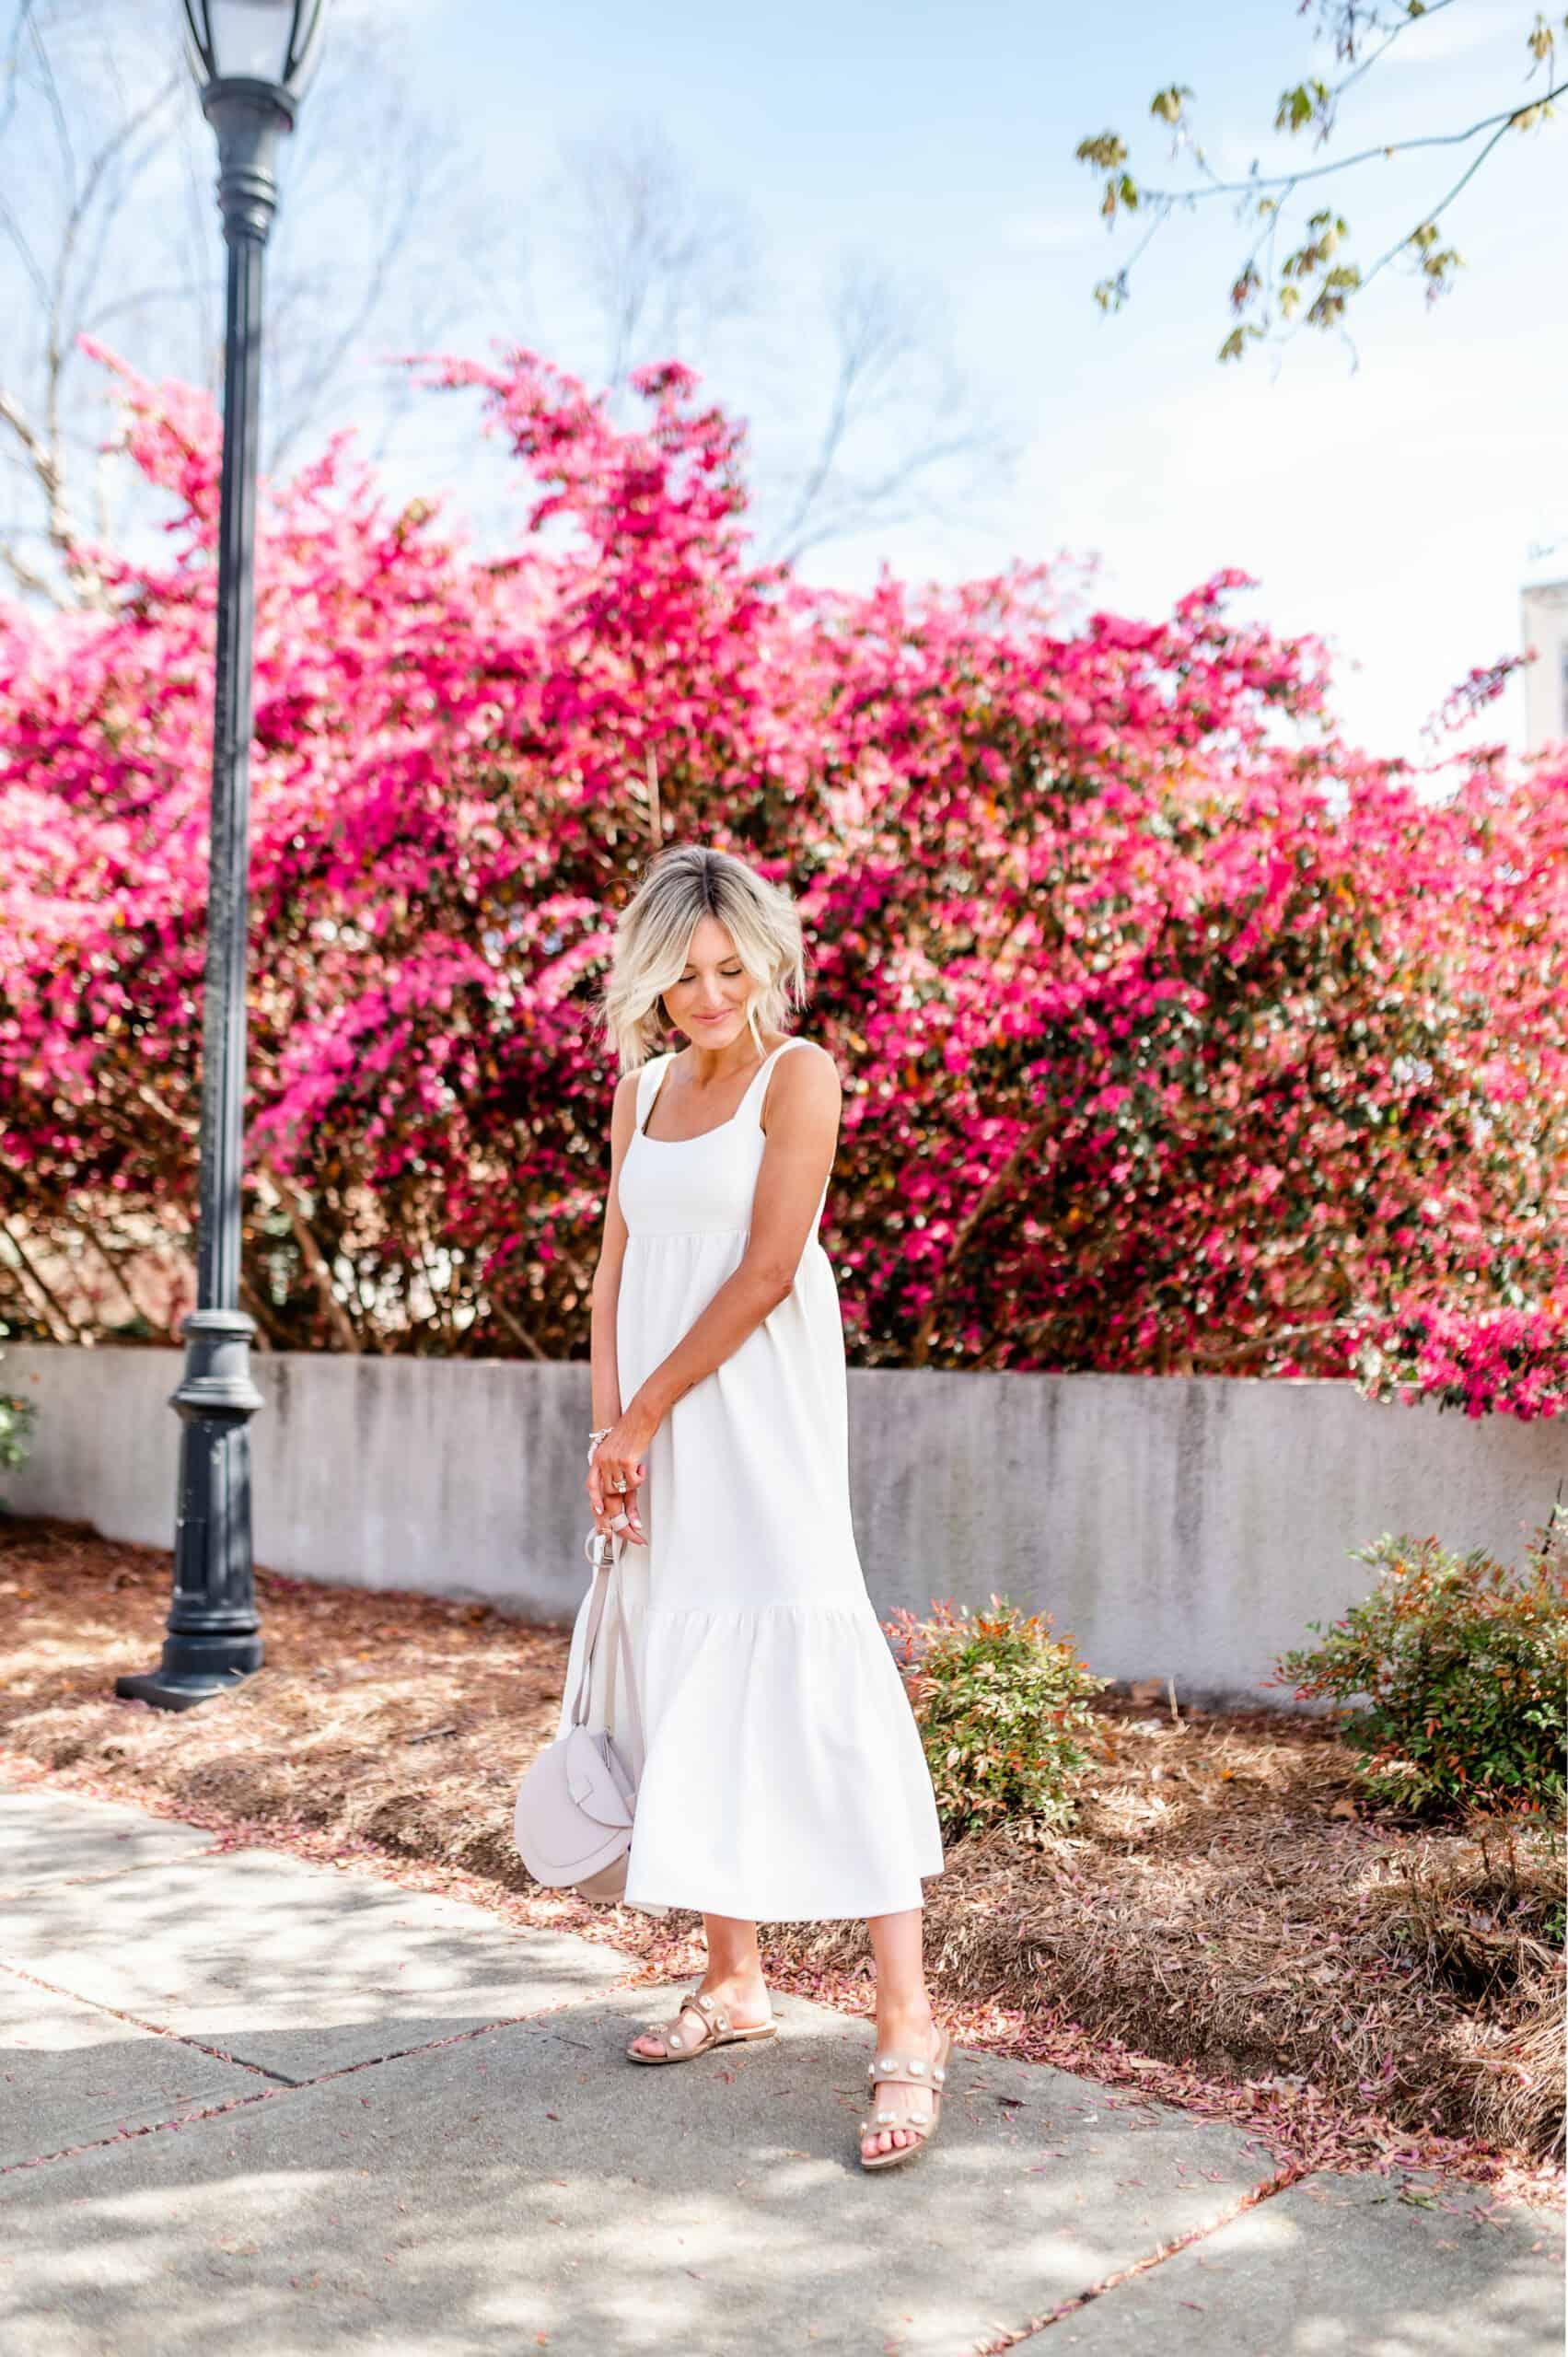 Best Spring Dresses Under $50